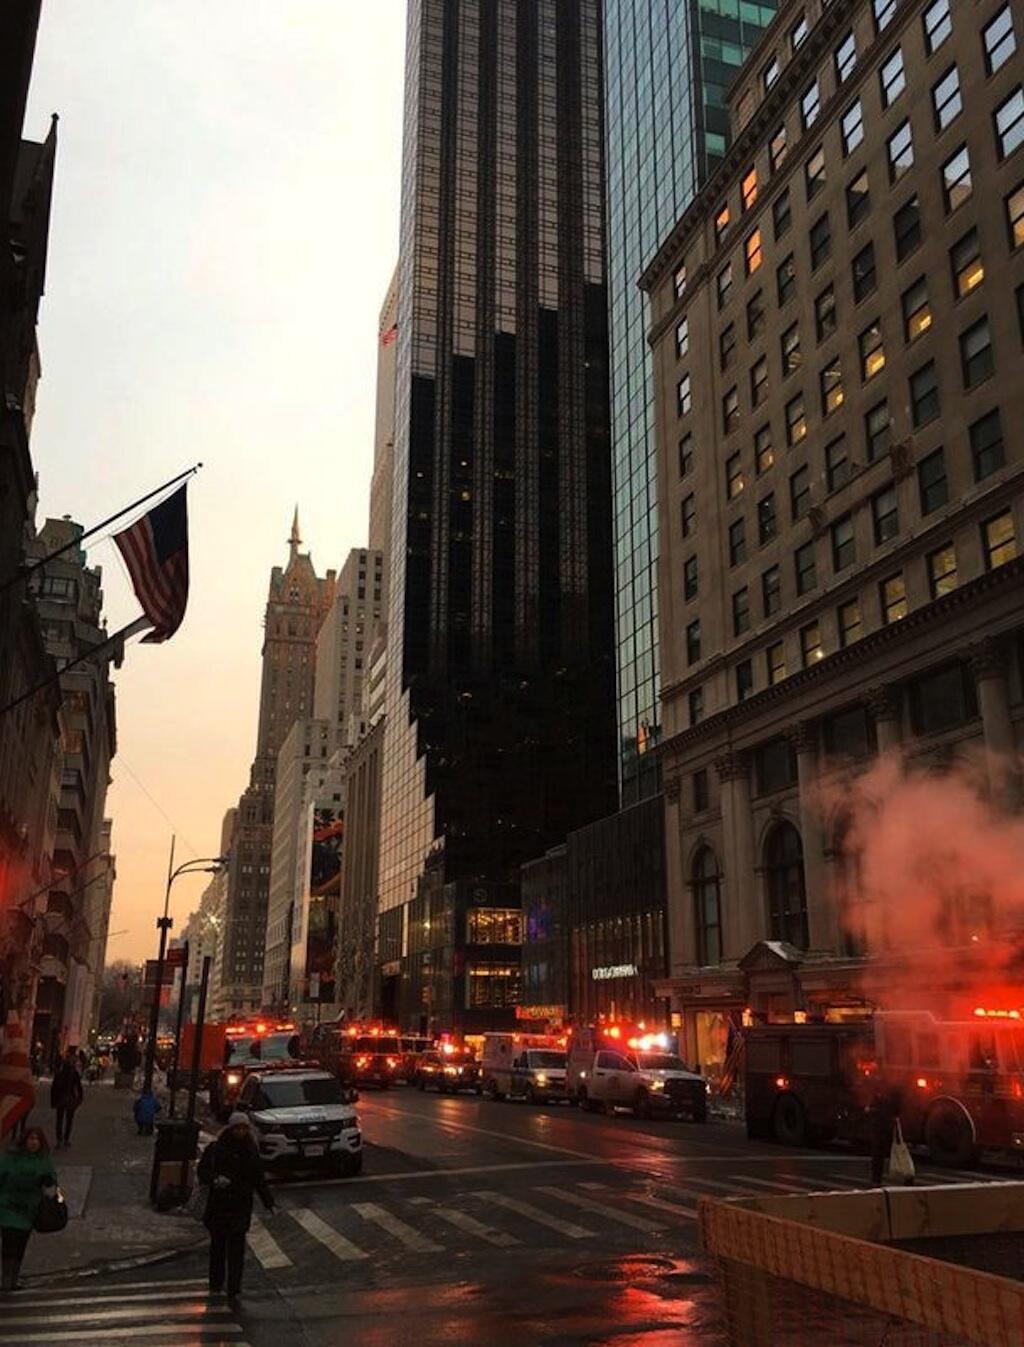 Mbele ya mnara wa nyumba ya Donald Trump, Trump Tower,  New York ambapo moto ulizuka mapema Jumatatu hii asubuhi Januari 8, 2017.